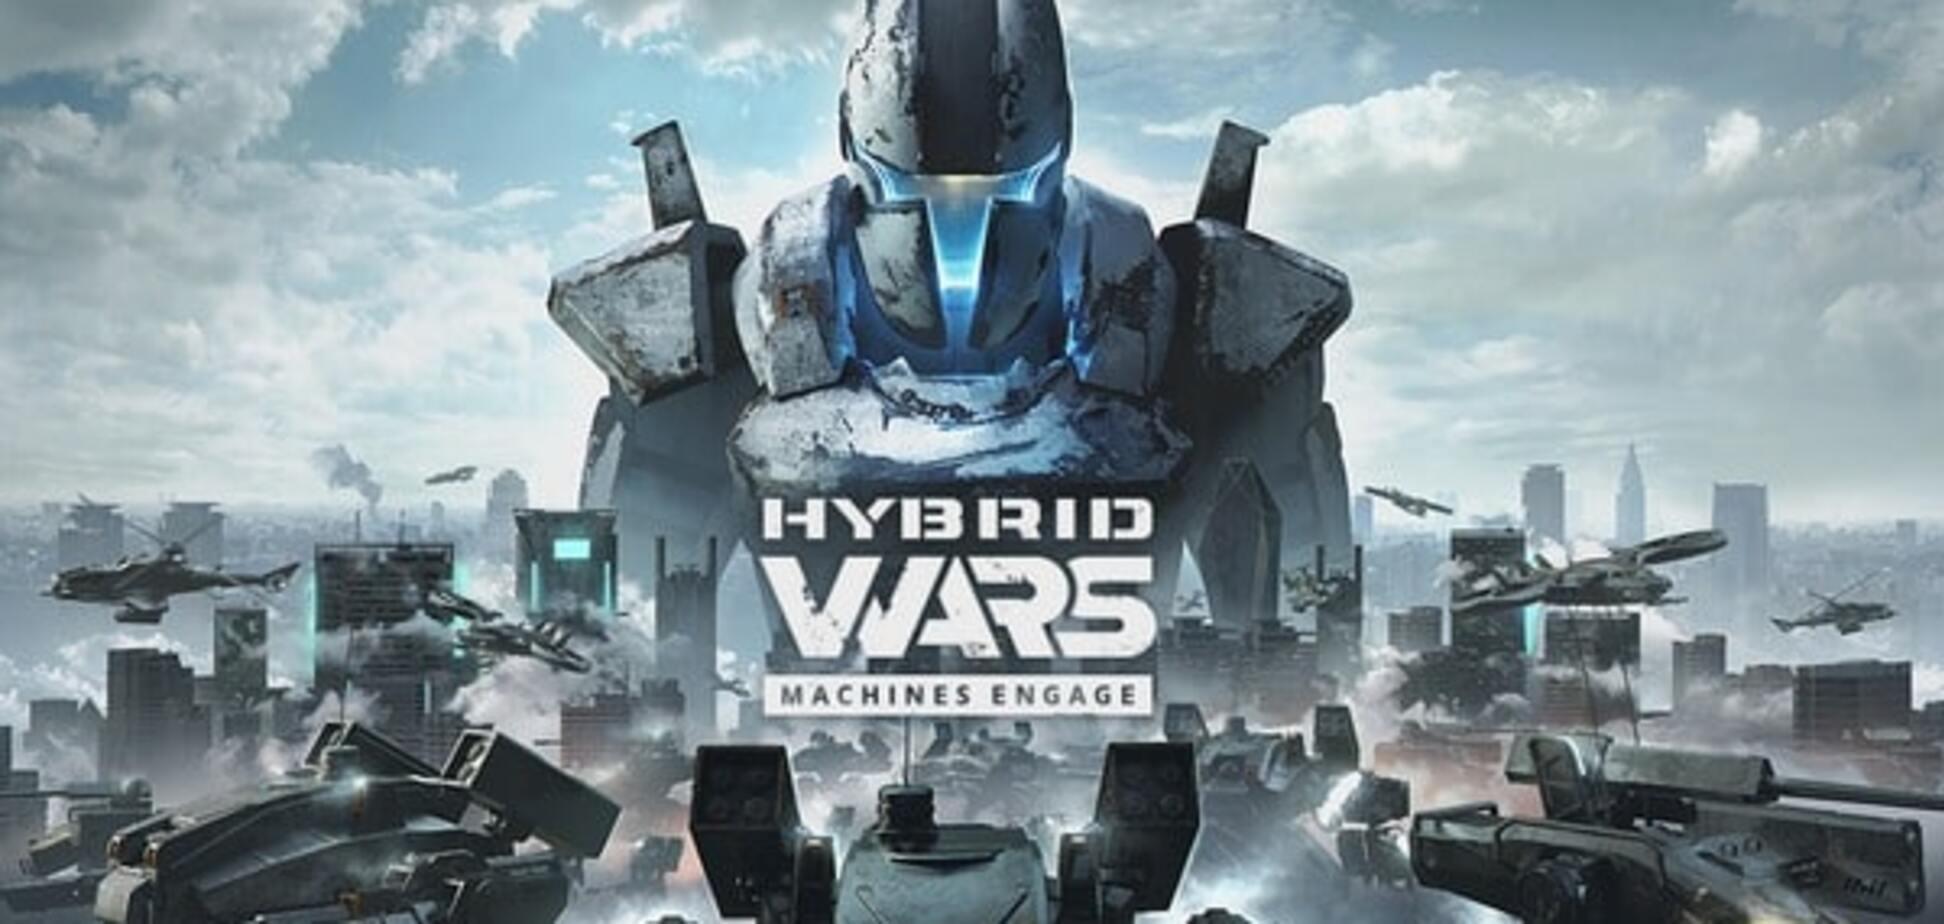 Компания Wargaming анонсировала новую игру Hybrid Wars